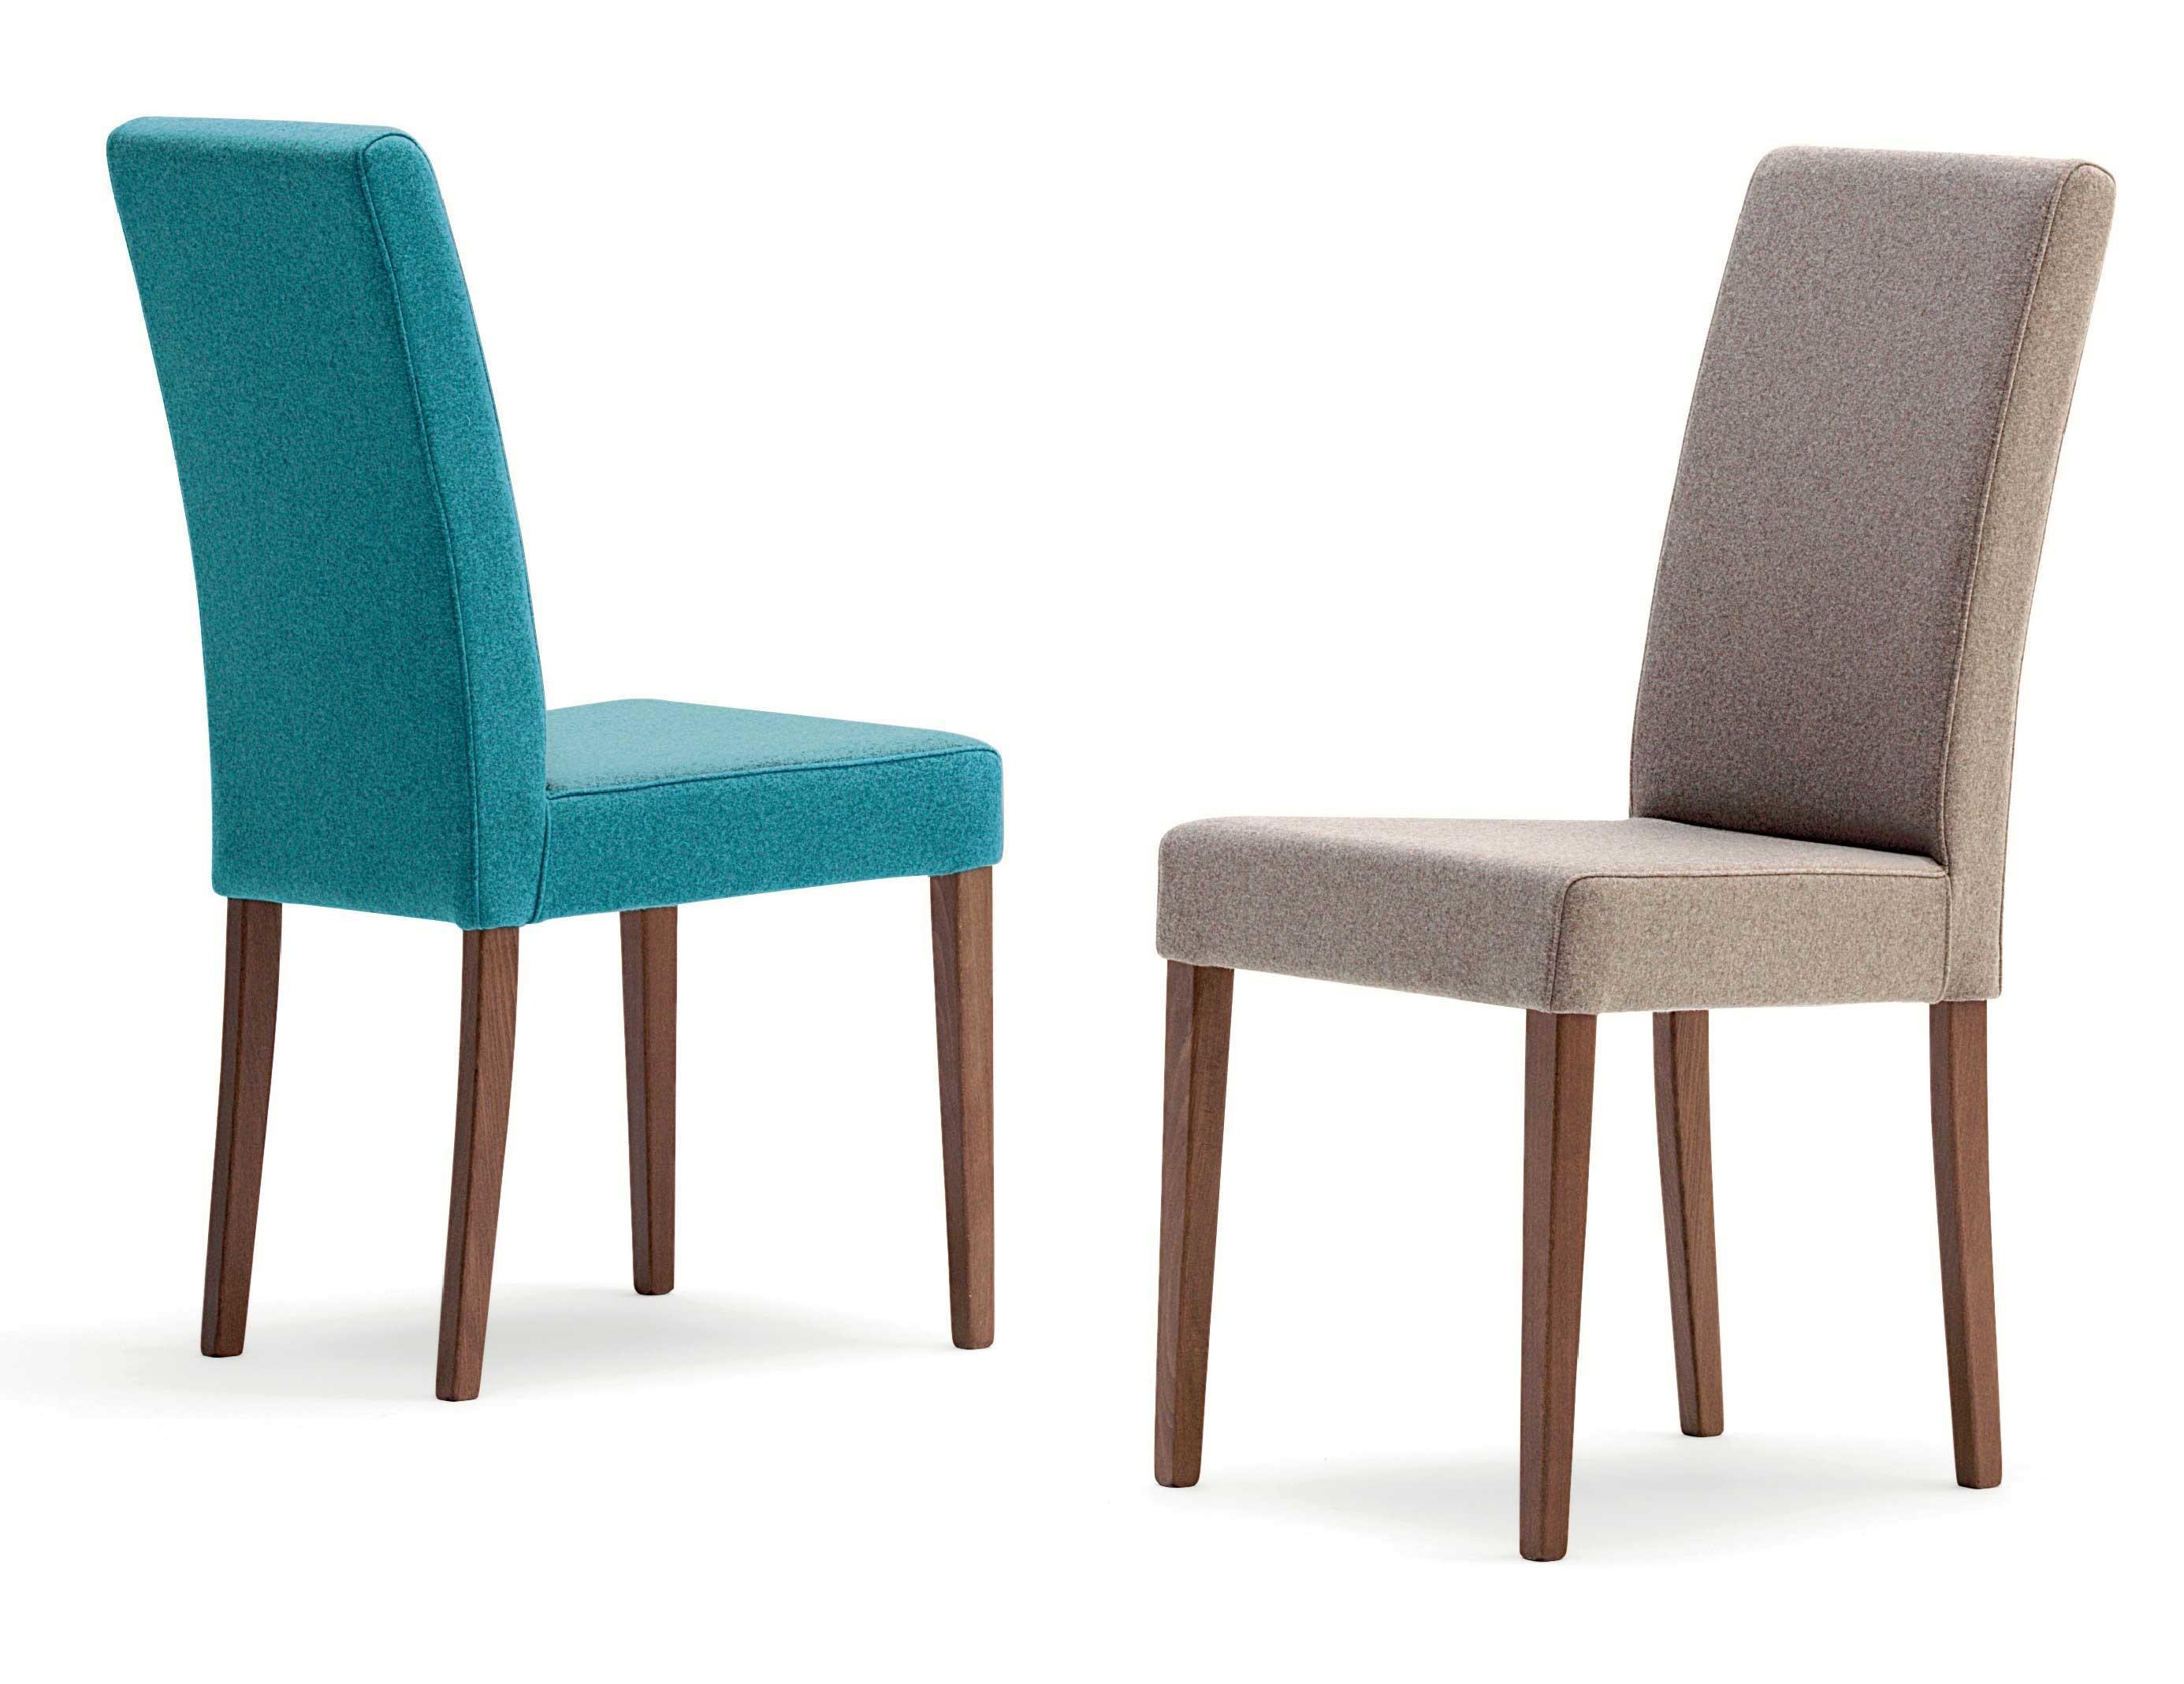 Sedie In Legno Imbottite : Flo sedia in legno con seduta imbottita u agapè forniture